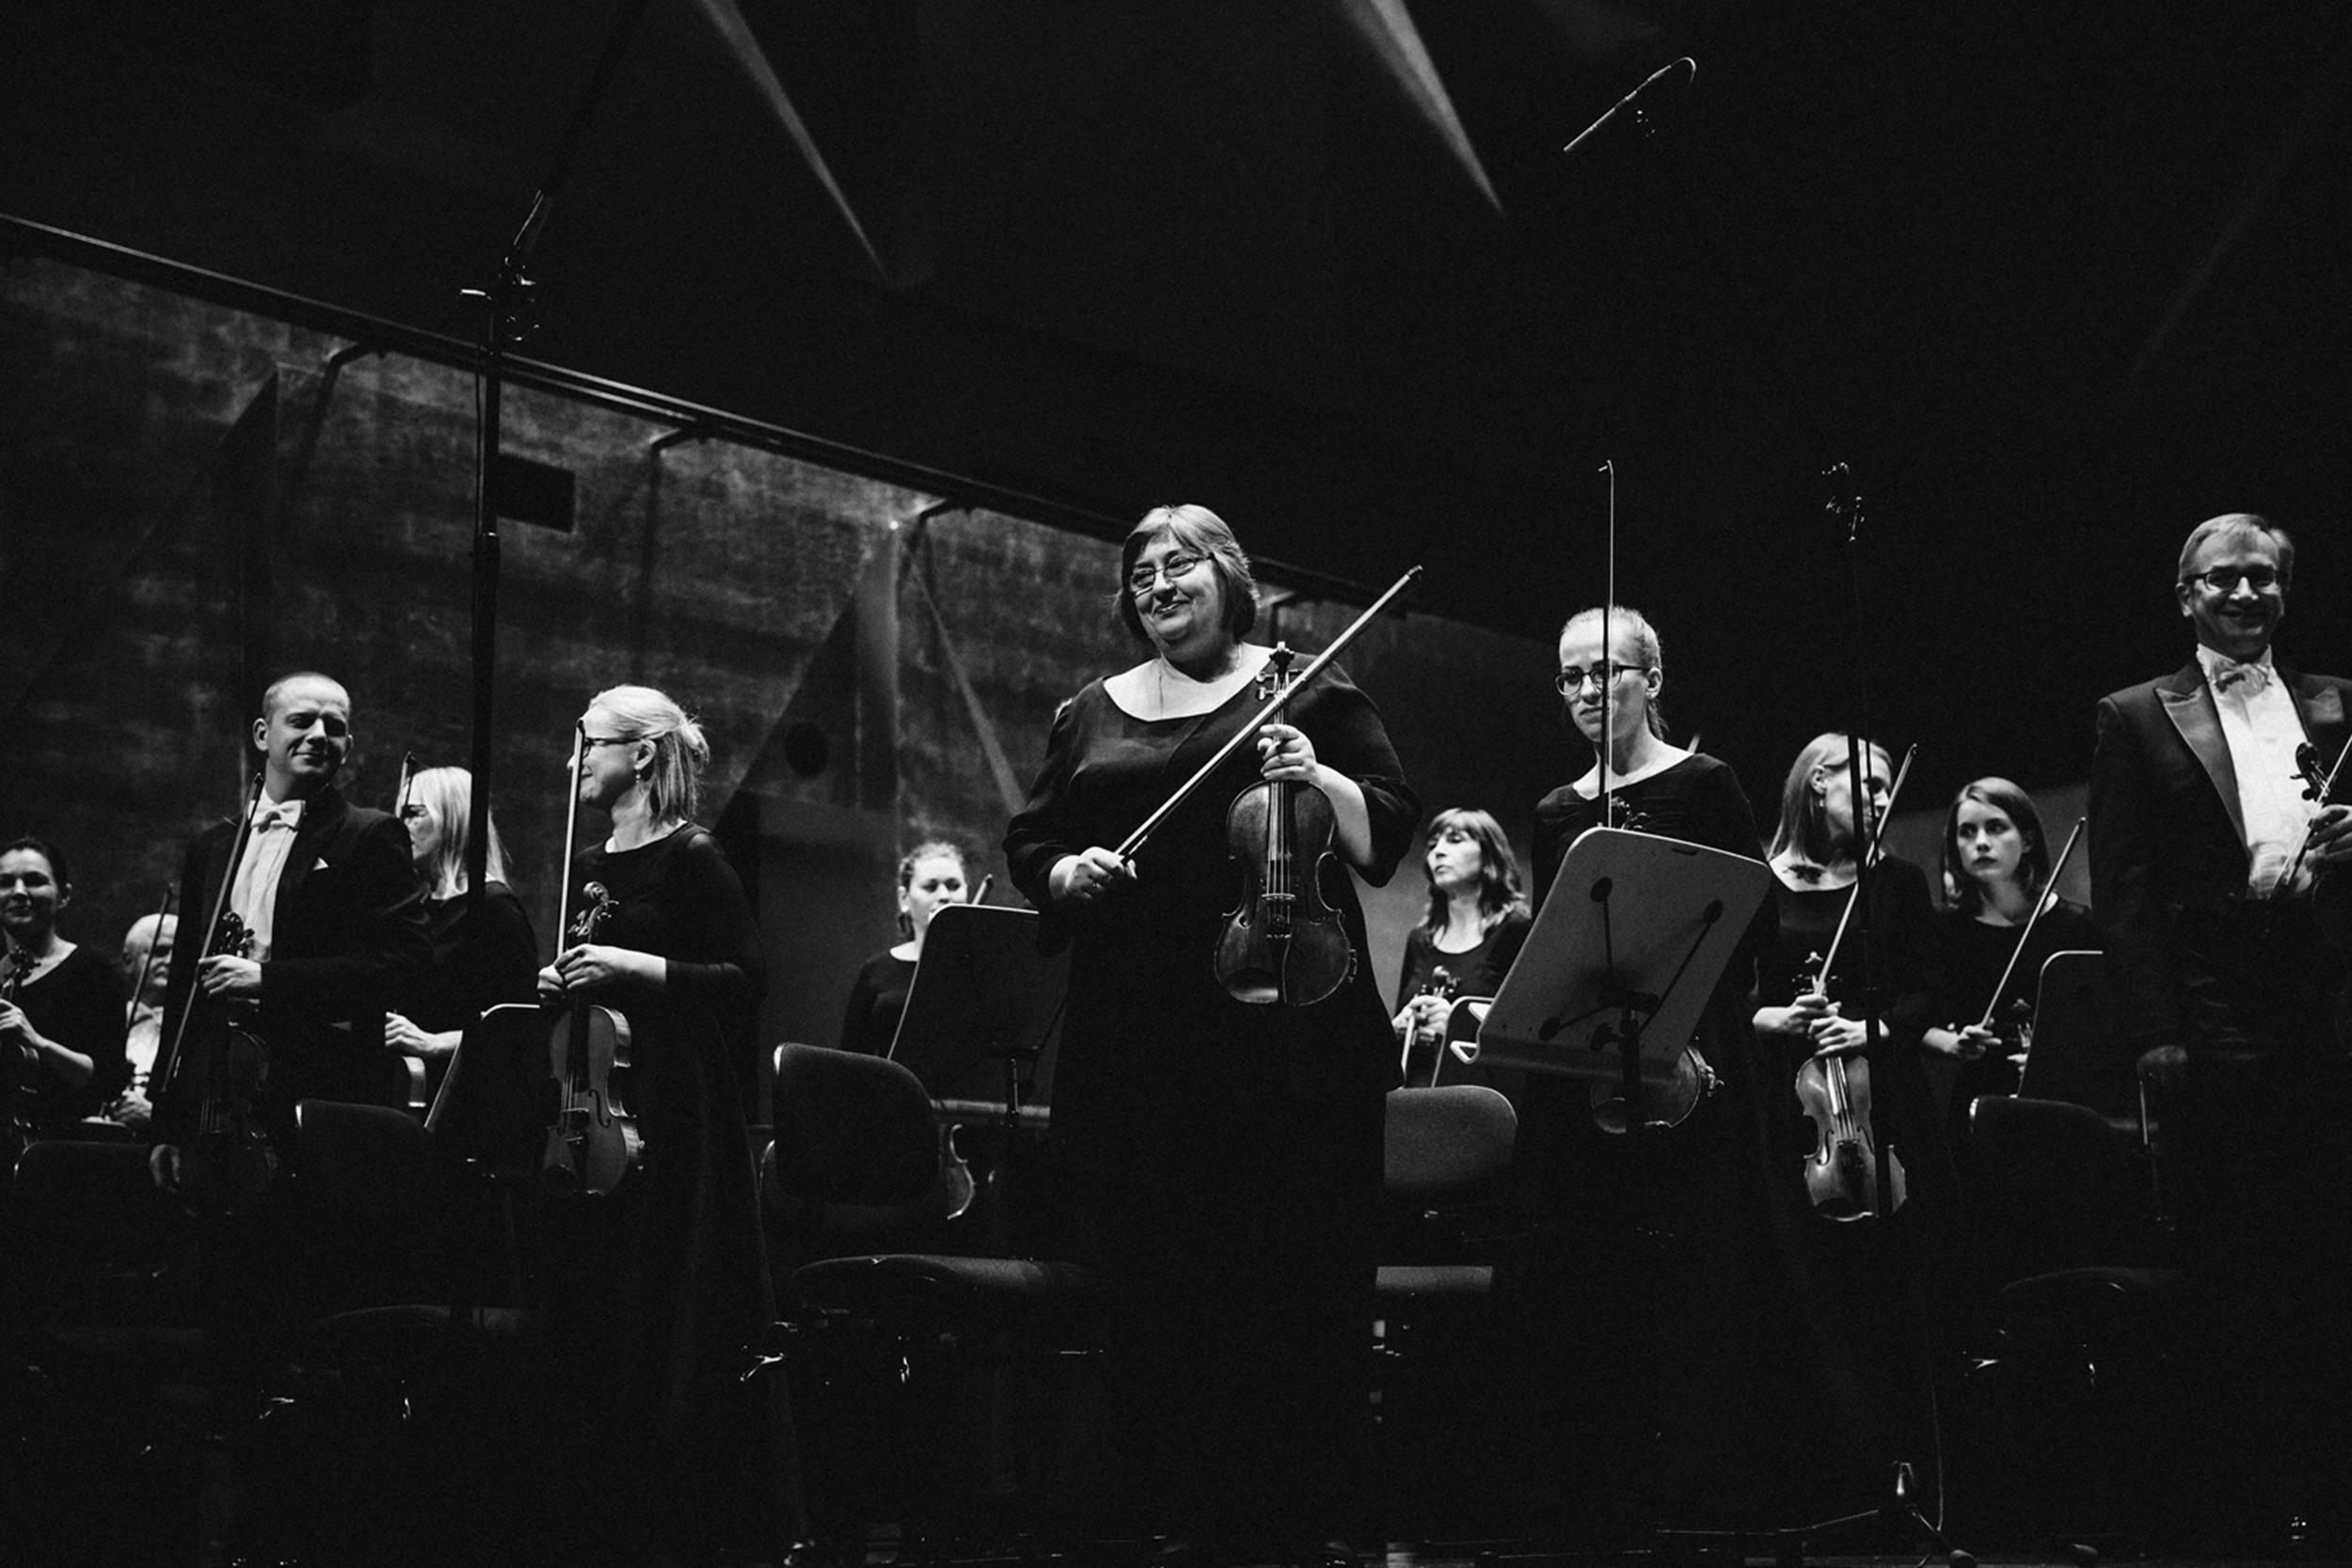 Orkiestra Filharmonii im. M Karłowicza Fot. Kinga Karpati&Daniel Zarewicz PRESTIGE PORTRAIT (1)